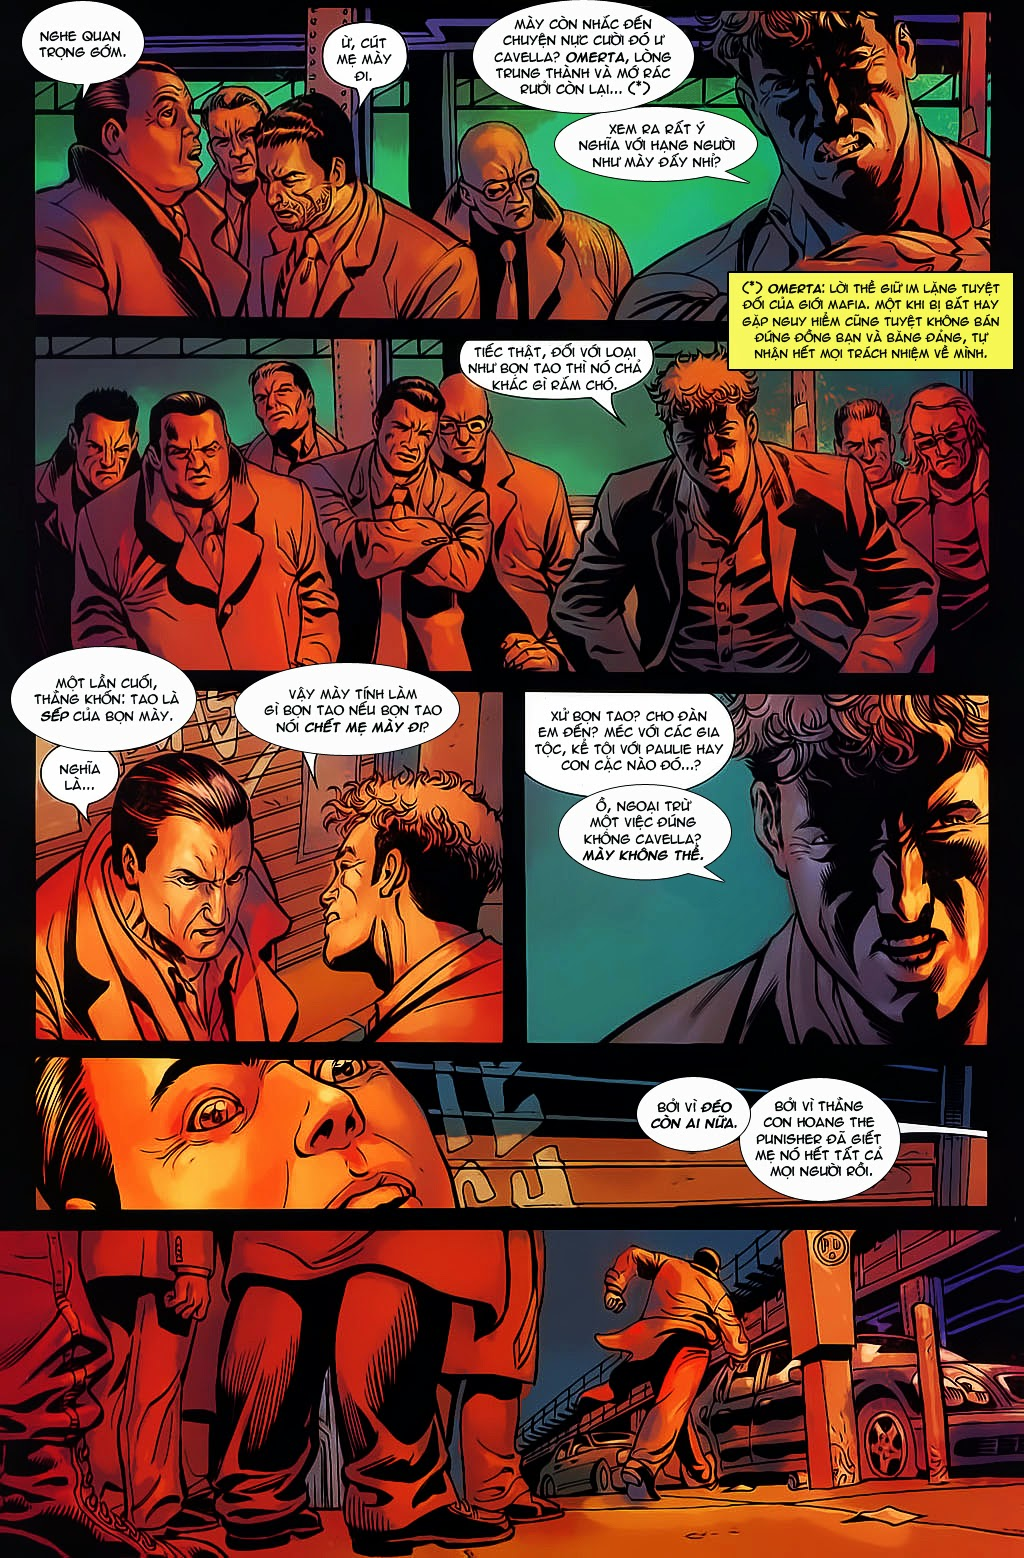 The Punisher: Trên là Dưới & Trắng là Đen chap 6 - Trang 11